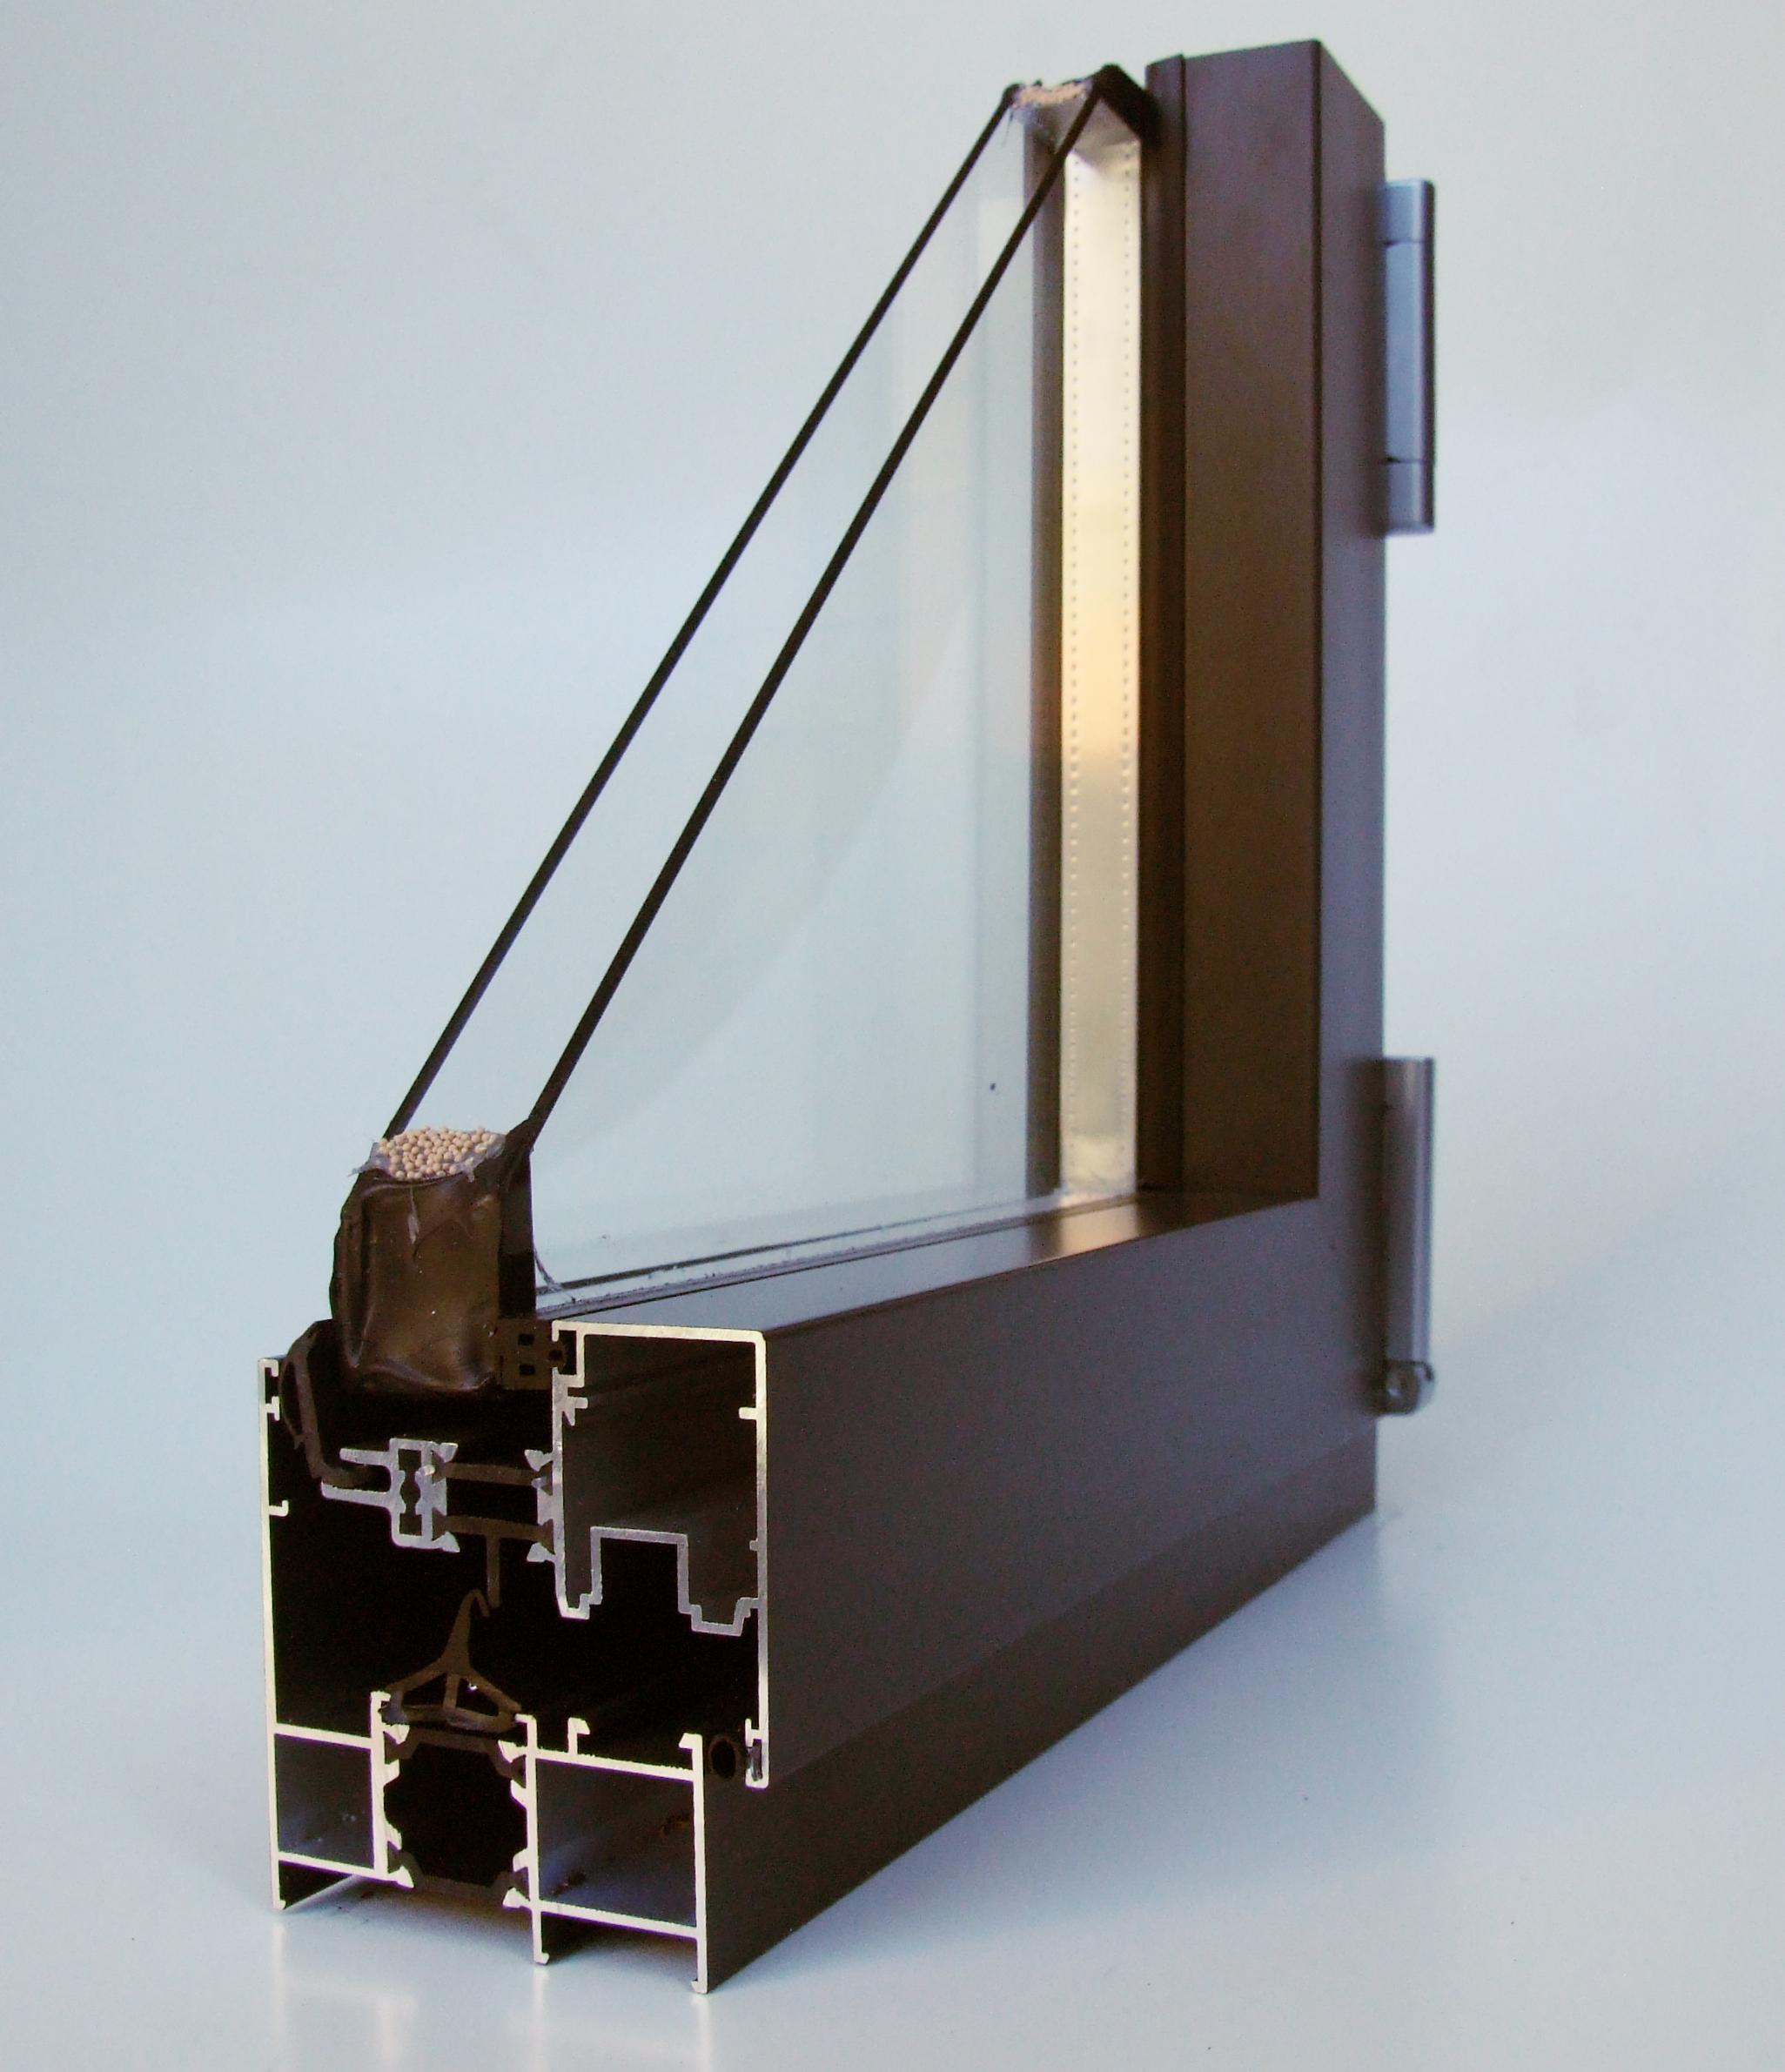 La etiqueta de eficiencia energética en ventanas